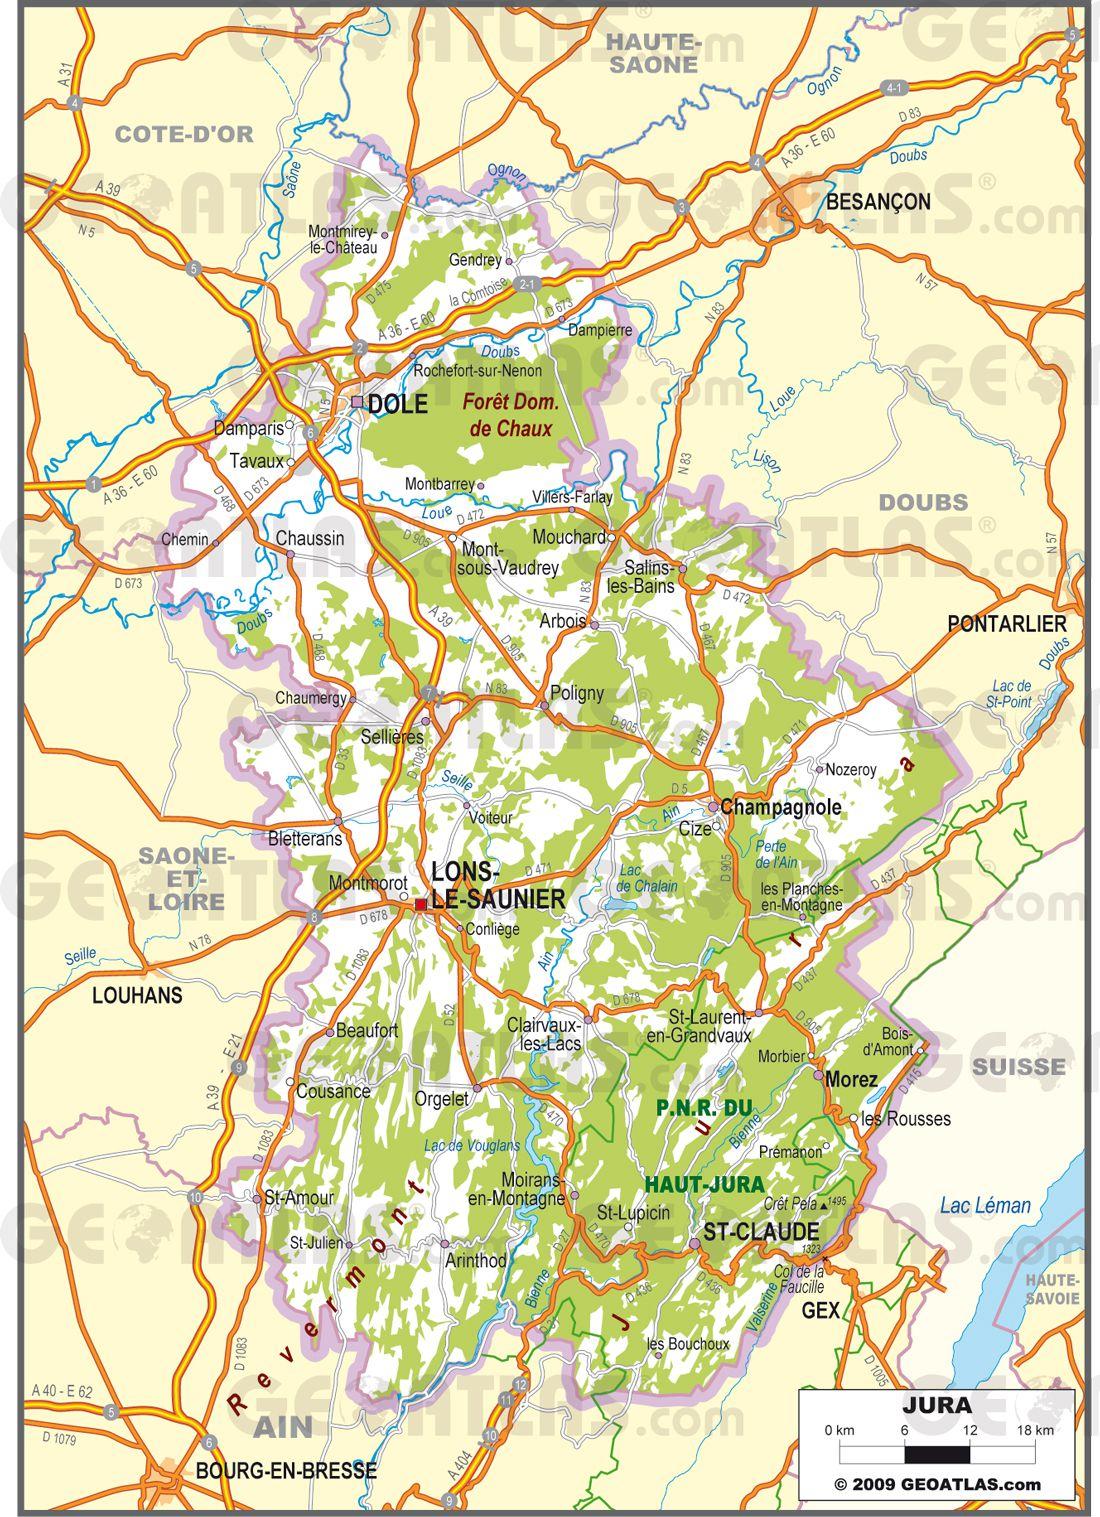 Carte Détaillée Du Jura | My Blog à Carte Des Villes De France Détaillée